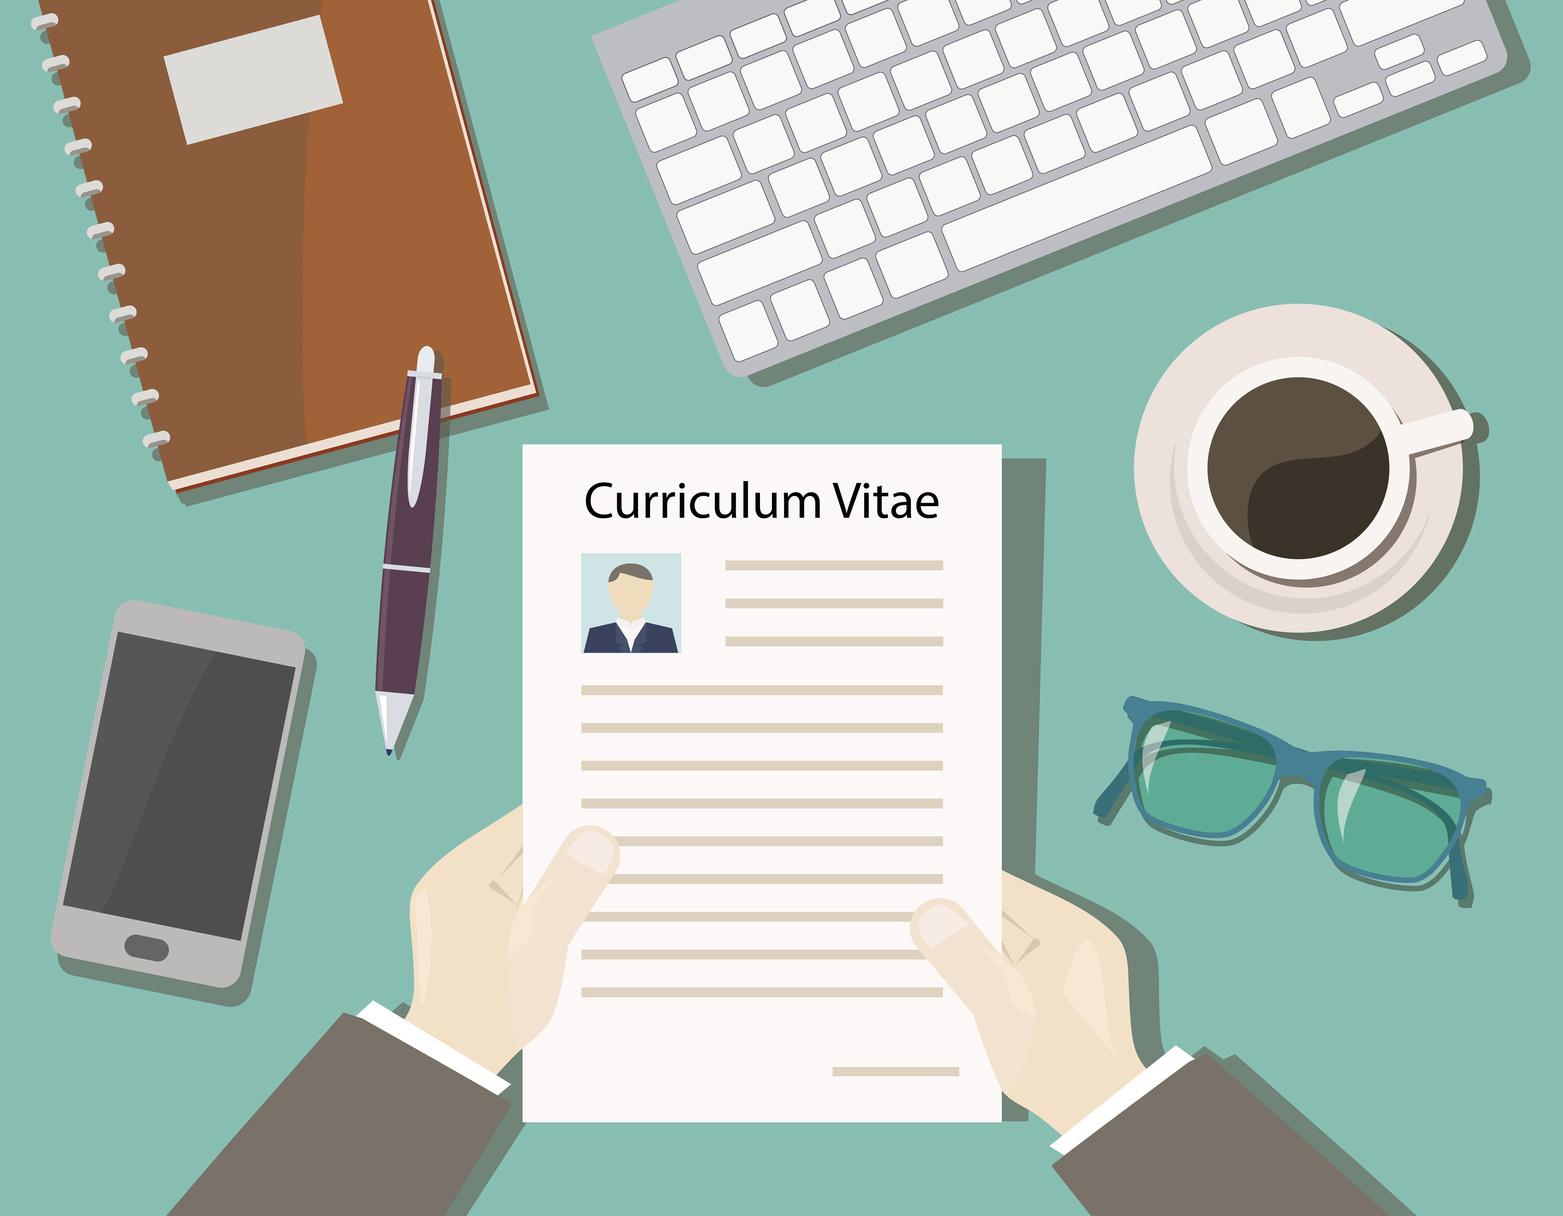 Les cinq rubriques clé d'un bon CV